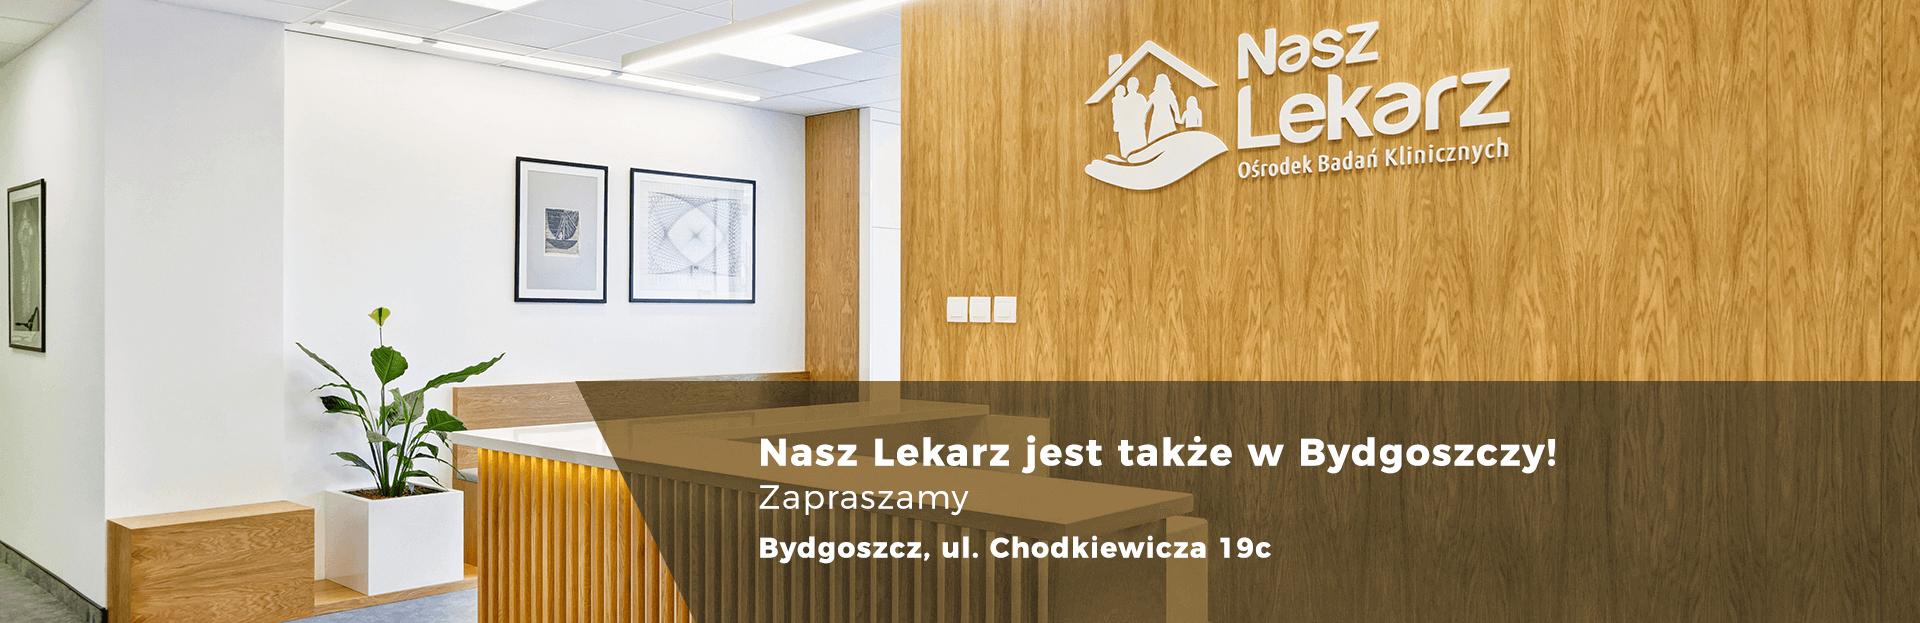 Nasz Lekarz Nasz Lekarz jest także w Bydgoszczy (1) (1)